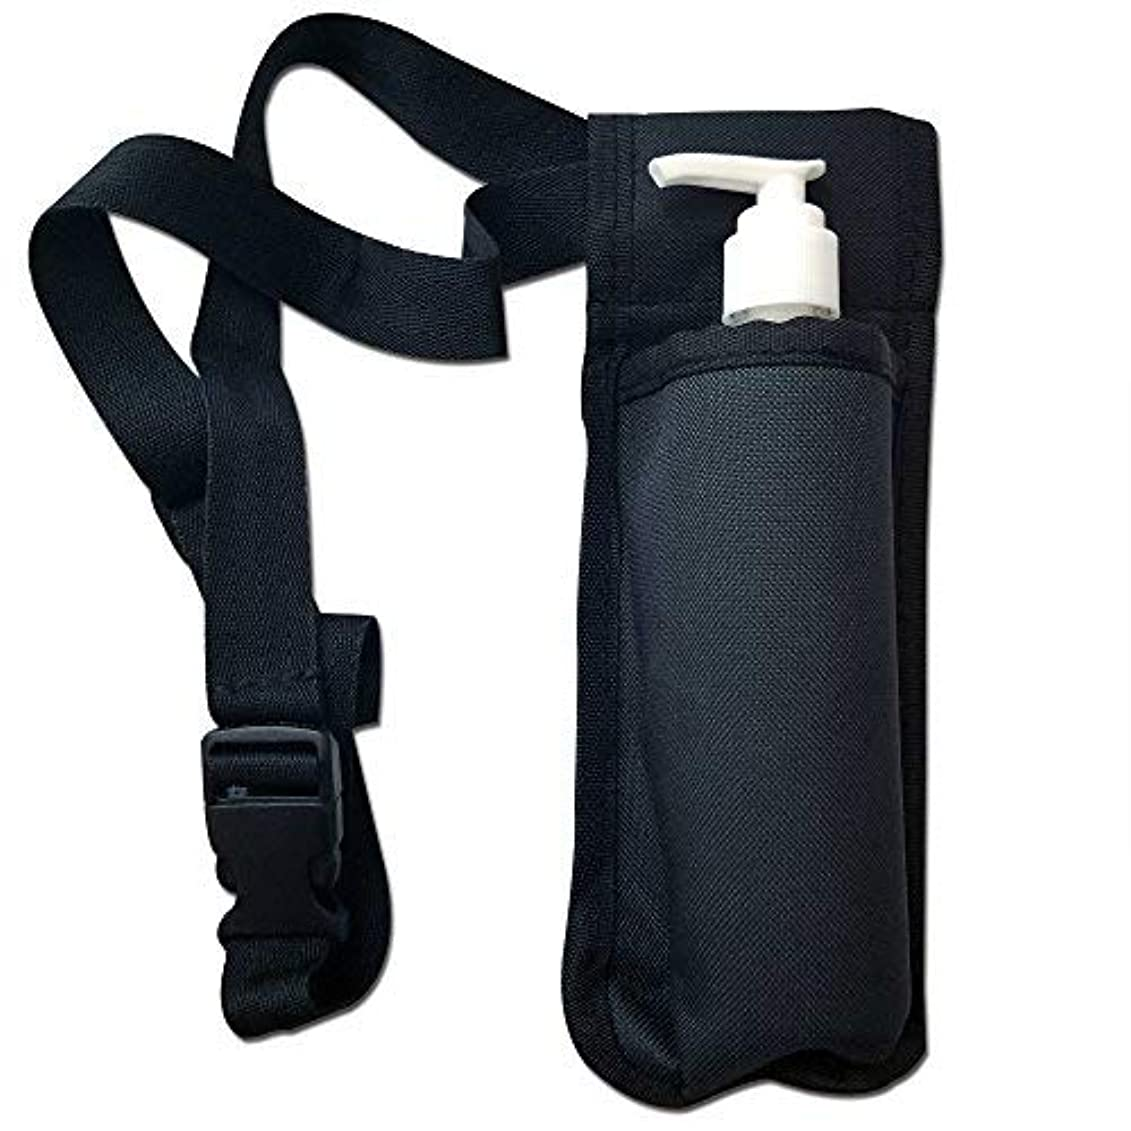 キャラクターロマンチック水銀のTOA Single Bottle Holster Adjustable Strap w/ 6oz Bottle for Massage Oil, Lotion, Cream [並行輸入品]